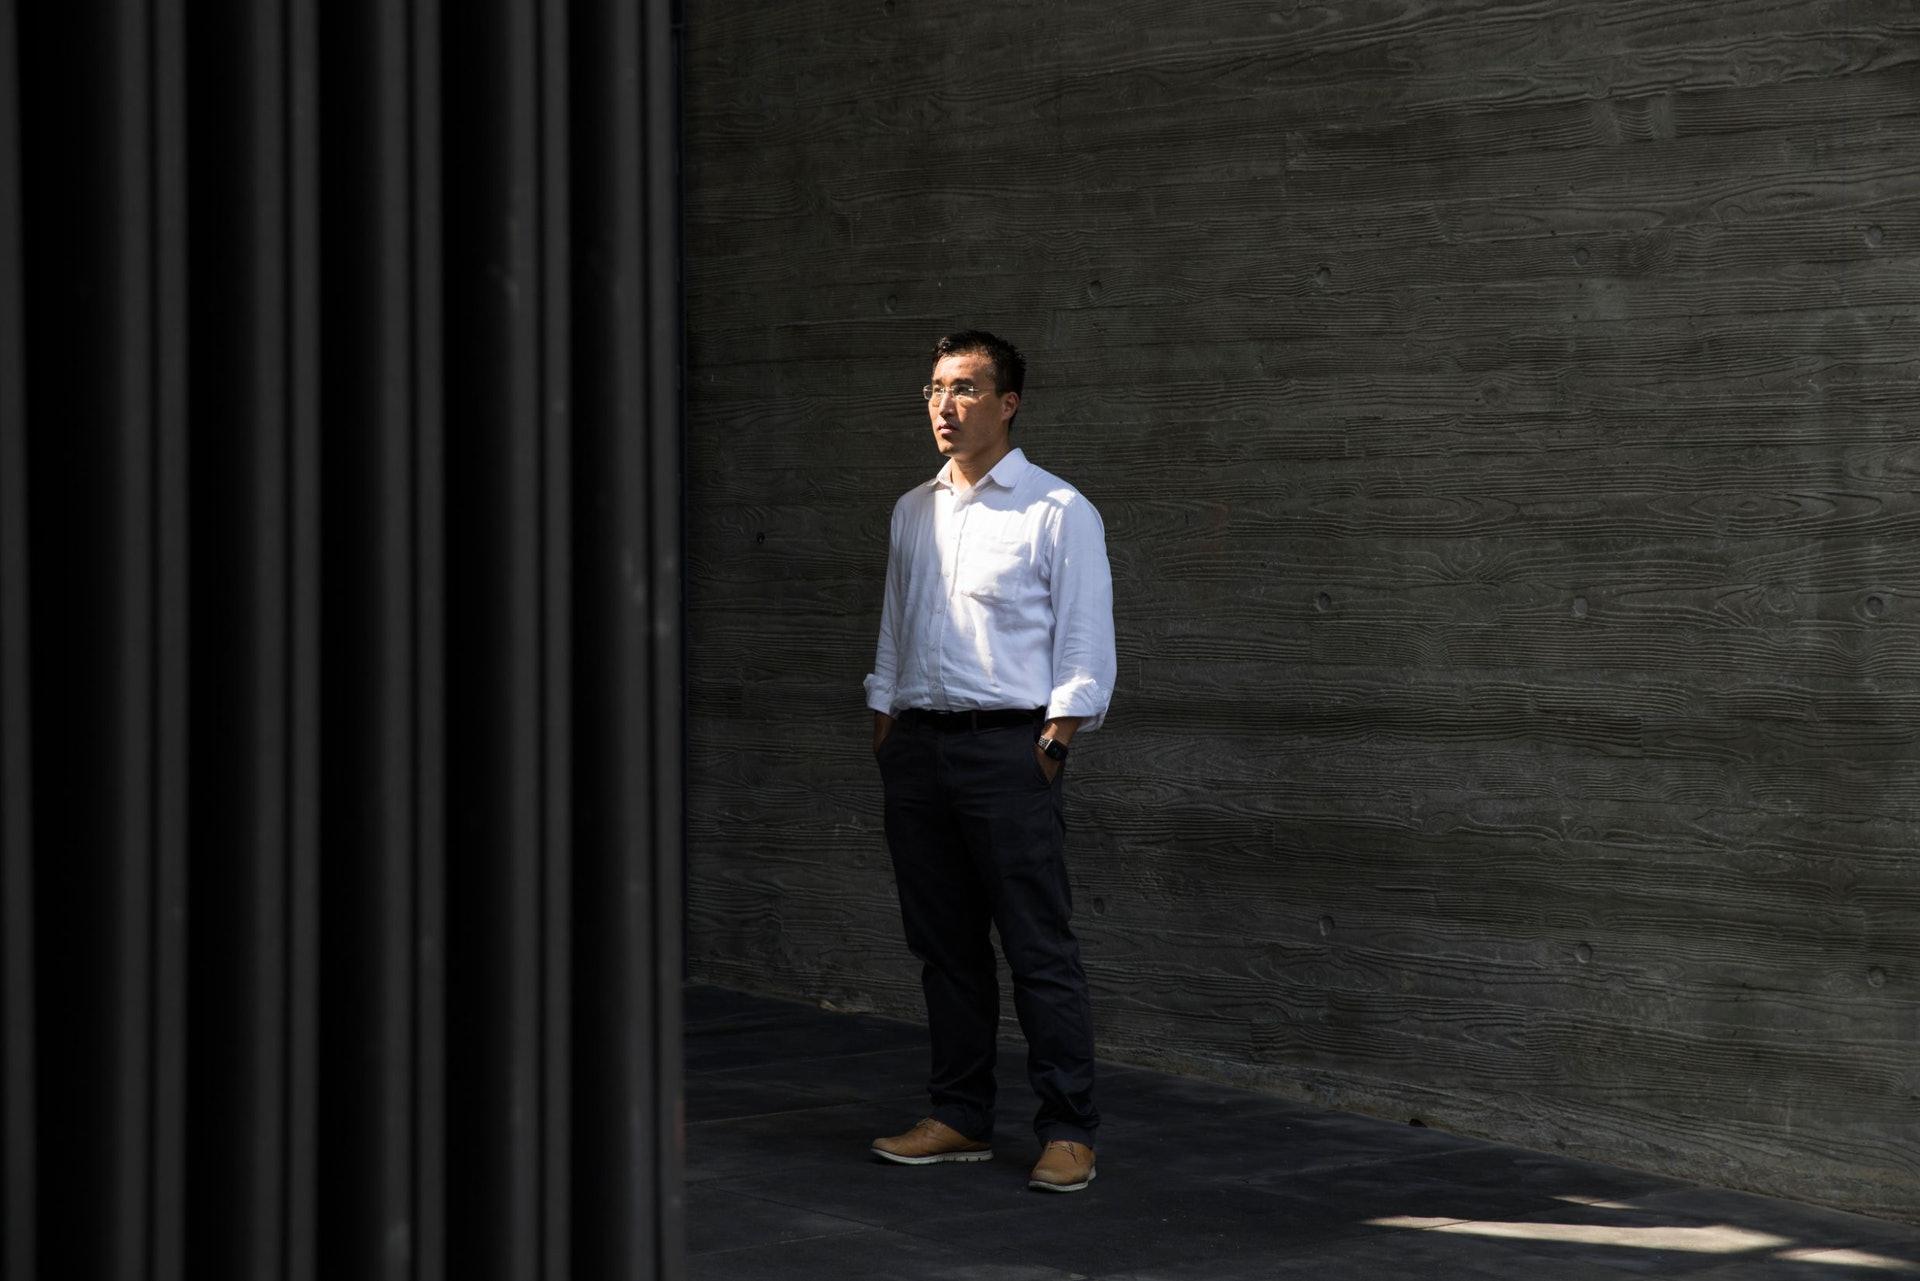 7年出版5本《築覺》系列書籍的建築師許允恆,說車公廟體育館的清水混凝土工藝水平進步不少。(余俊亮 攝)